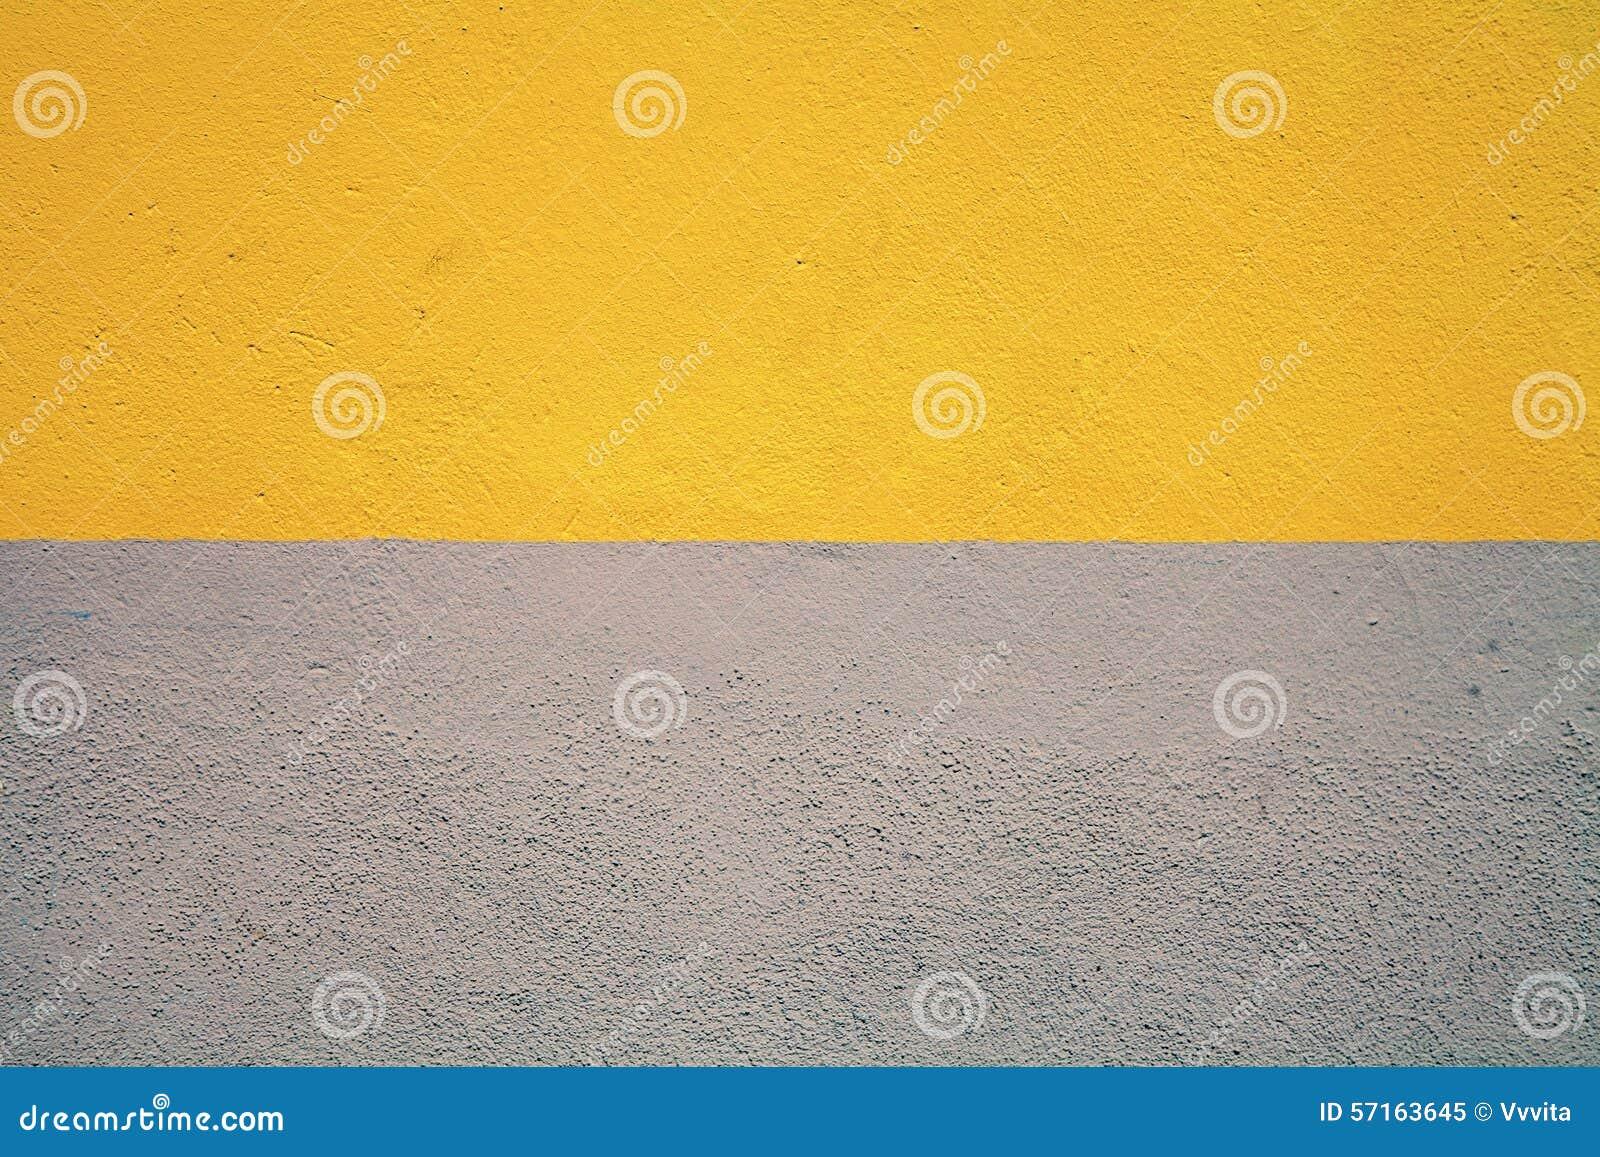 Half Geschilderde Muur : Half geschilderde concrete muur stock afbeelding afbeelding